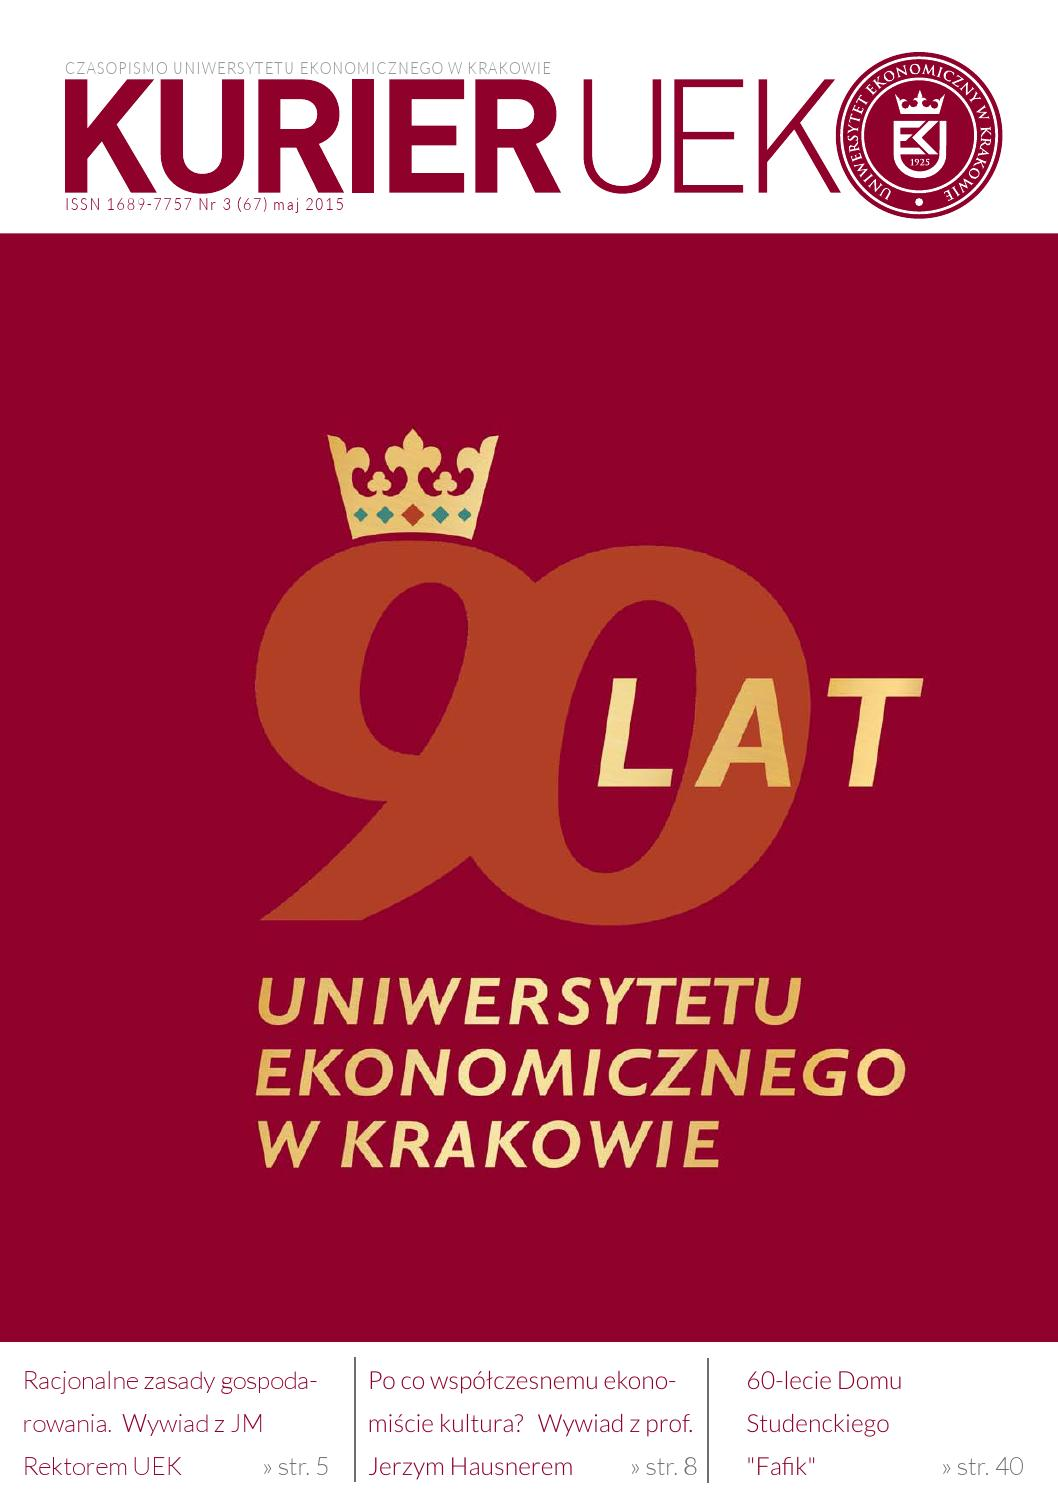 Kurier Uek Nr 3 67 Maj 2015 By Uniwersytet Ekonomiczny W